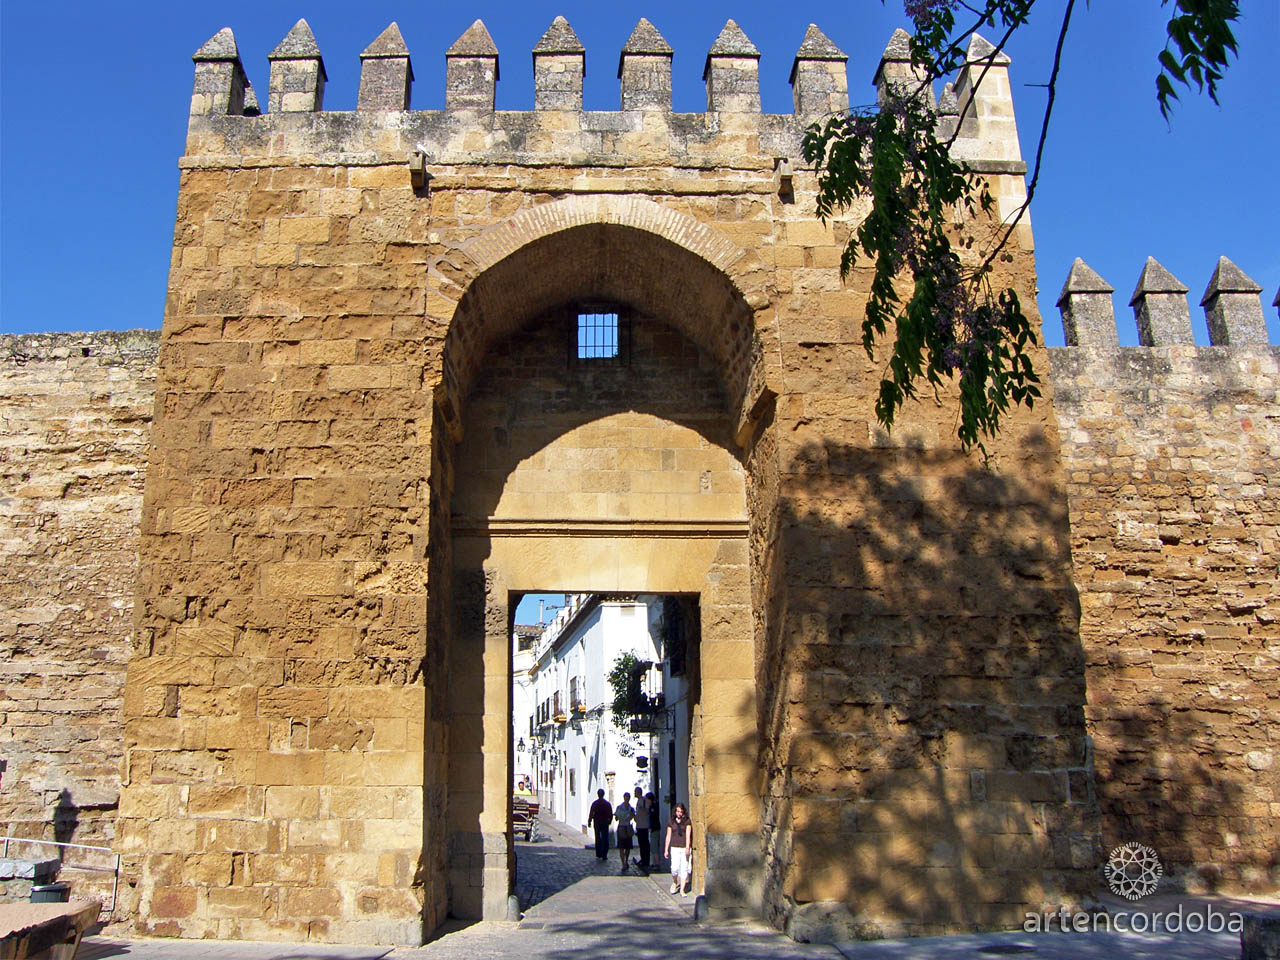 La Puerta de Almodóvar en Córdoba